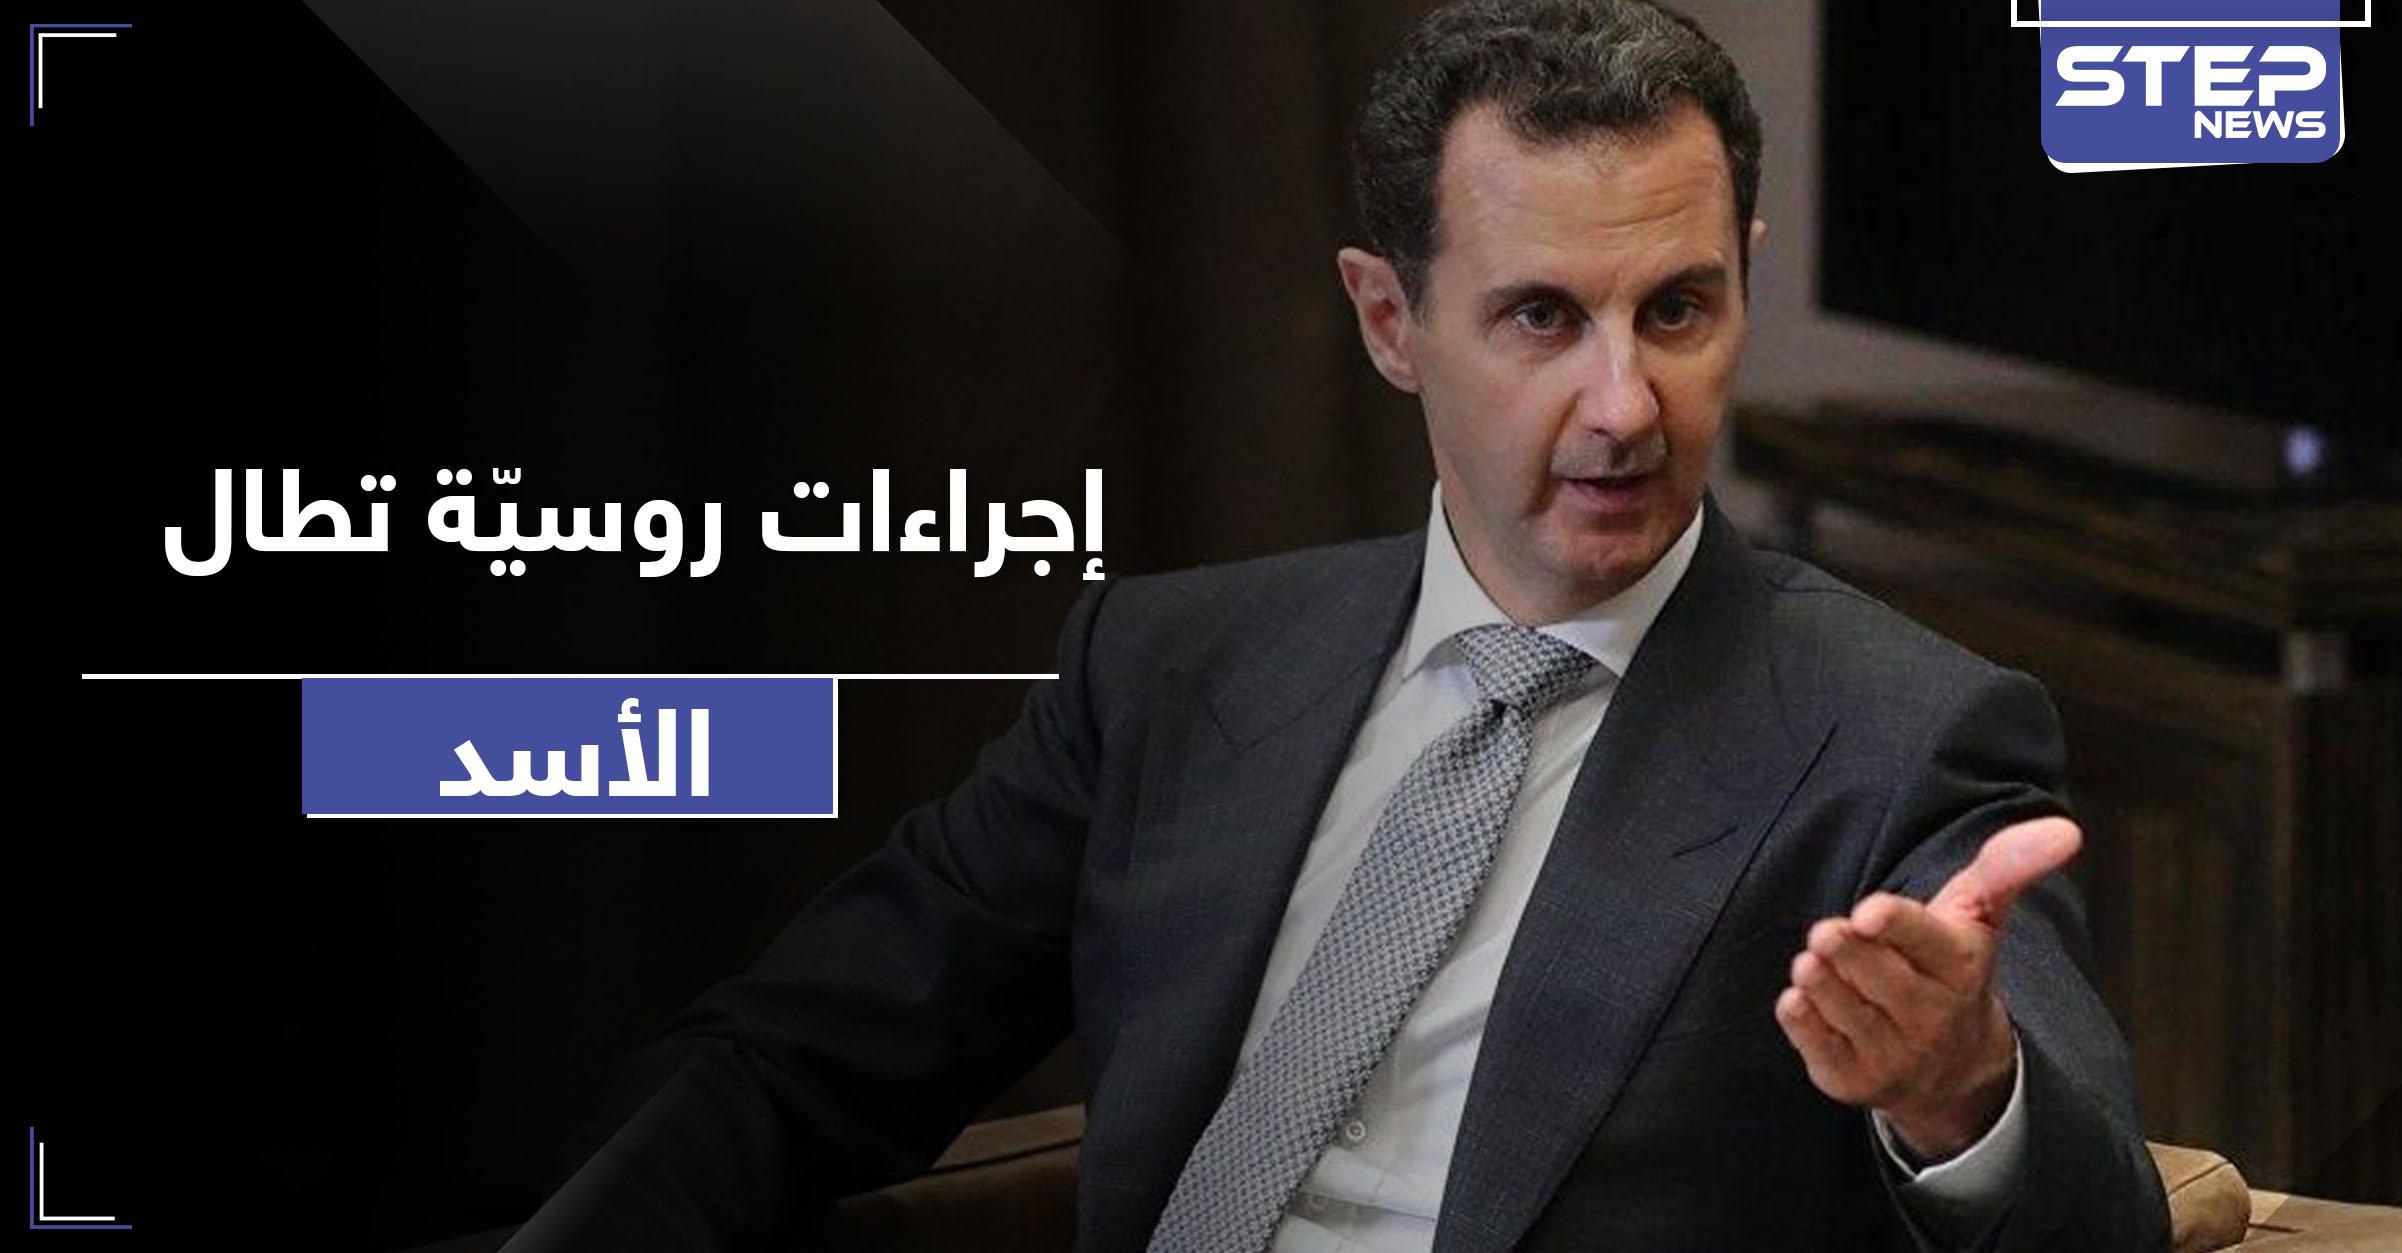 """انتهى دور الأسد.. تسريبات عن سيطرة روسيا عبر """"المندوب السامي"""""""